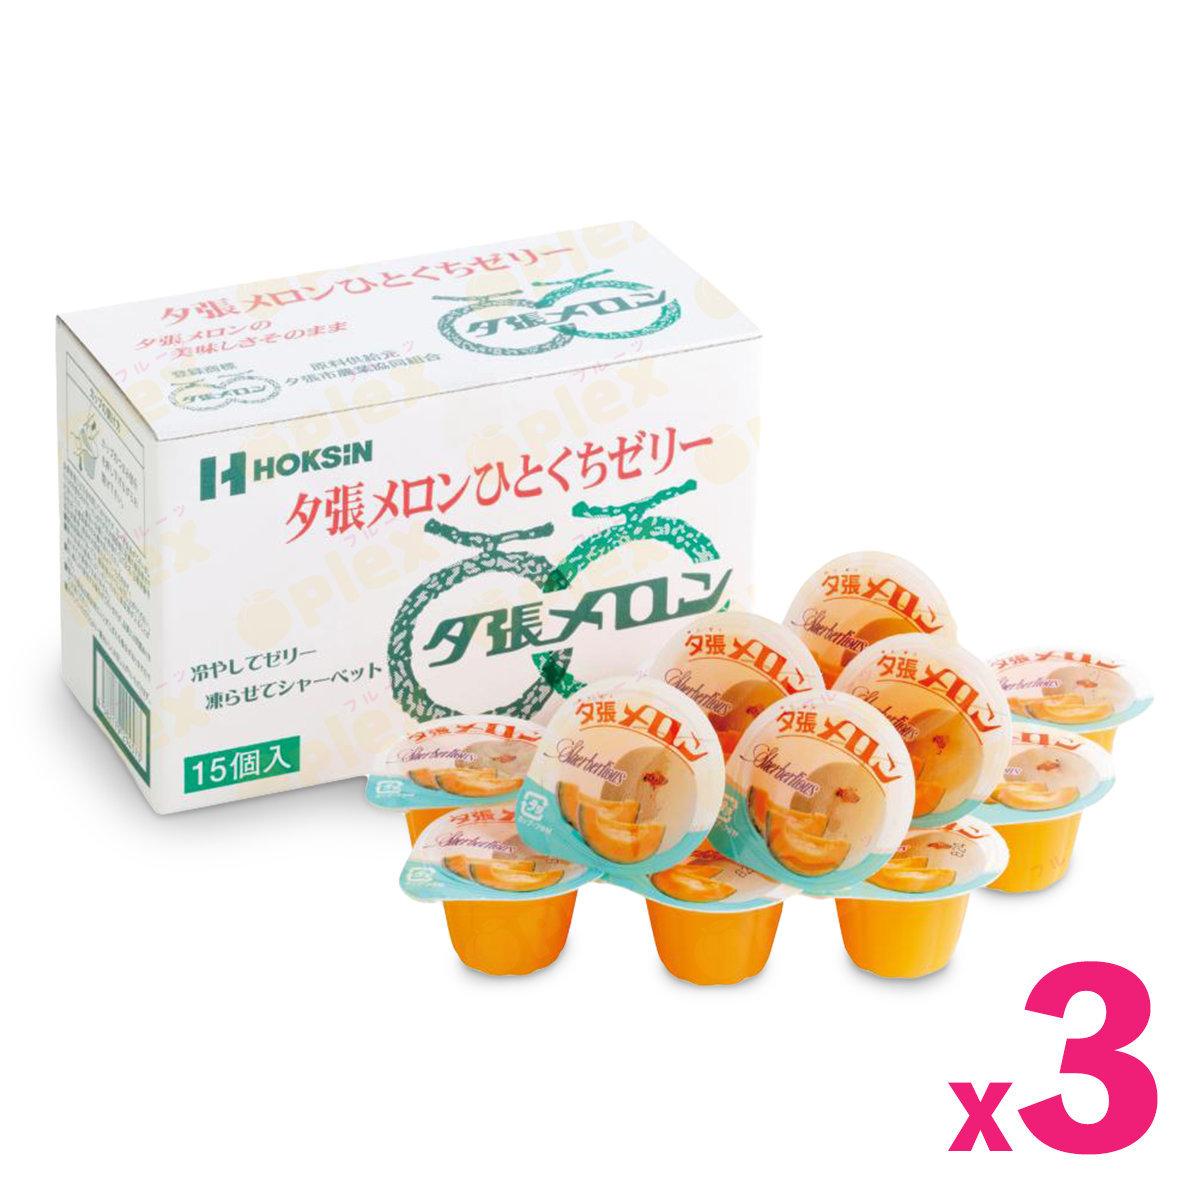 HOKSIN Hokkaido Yubari Melon Jelly (15pcs) x 3box